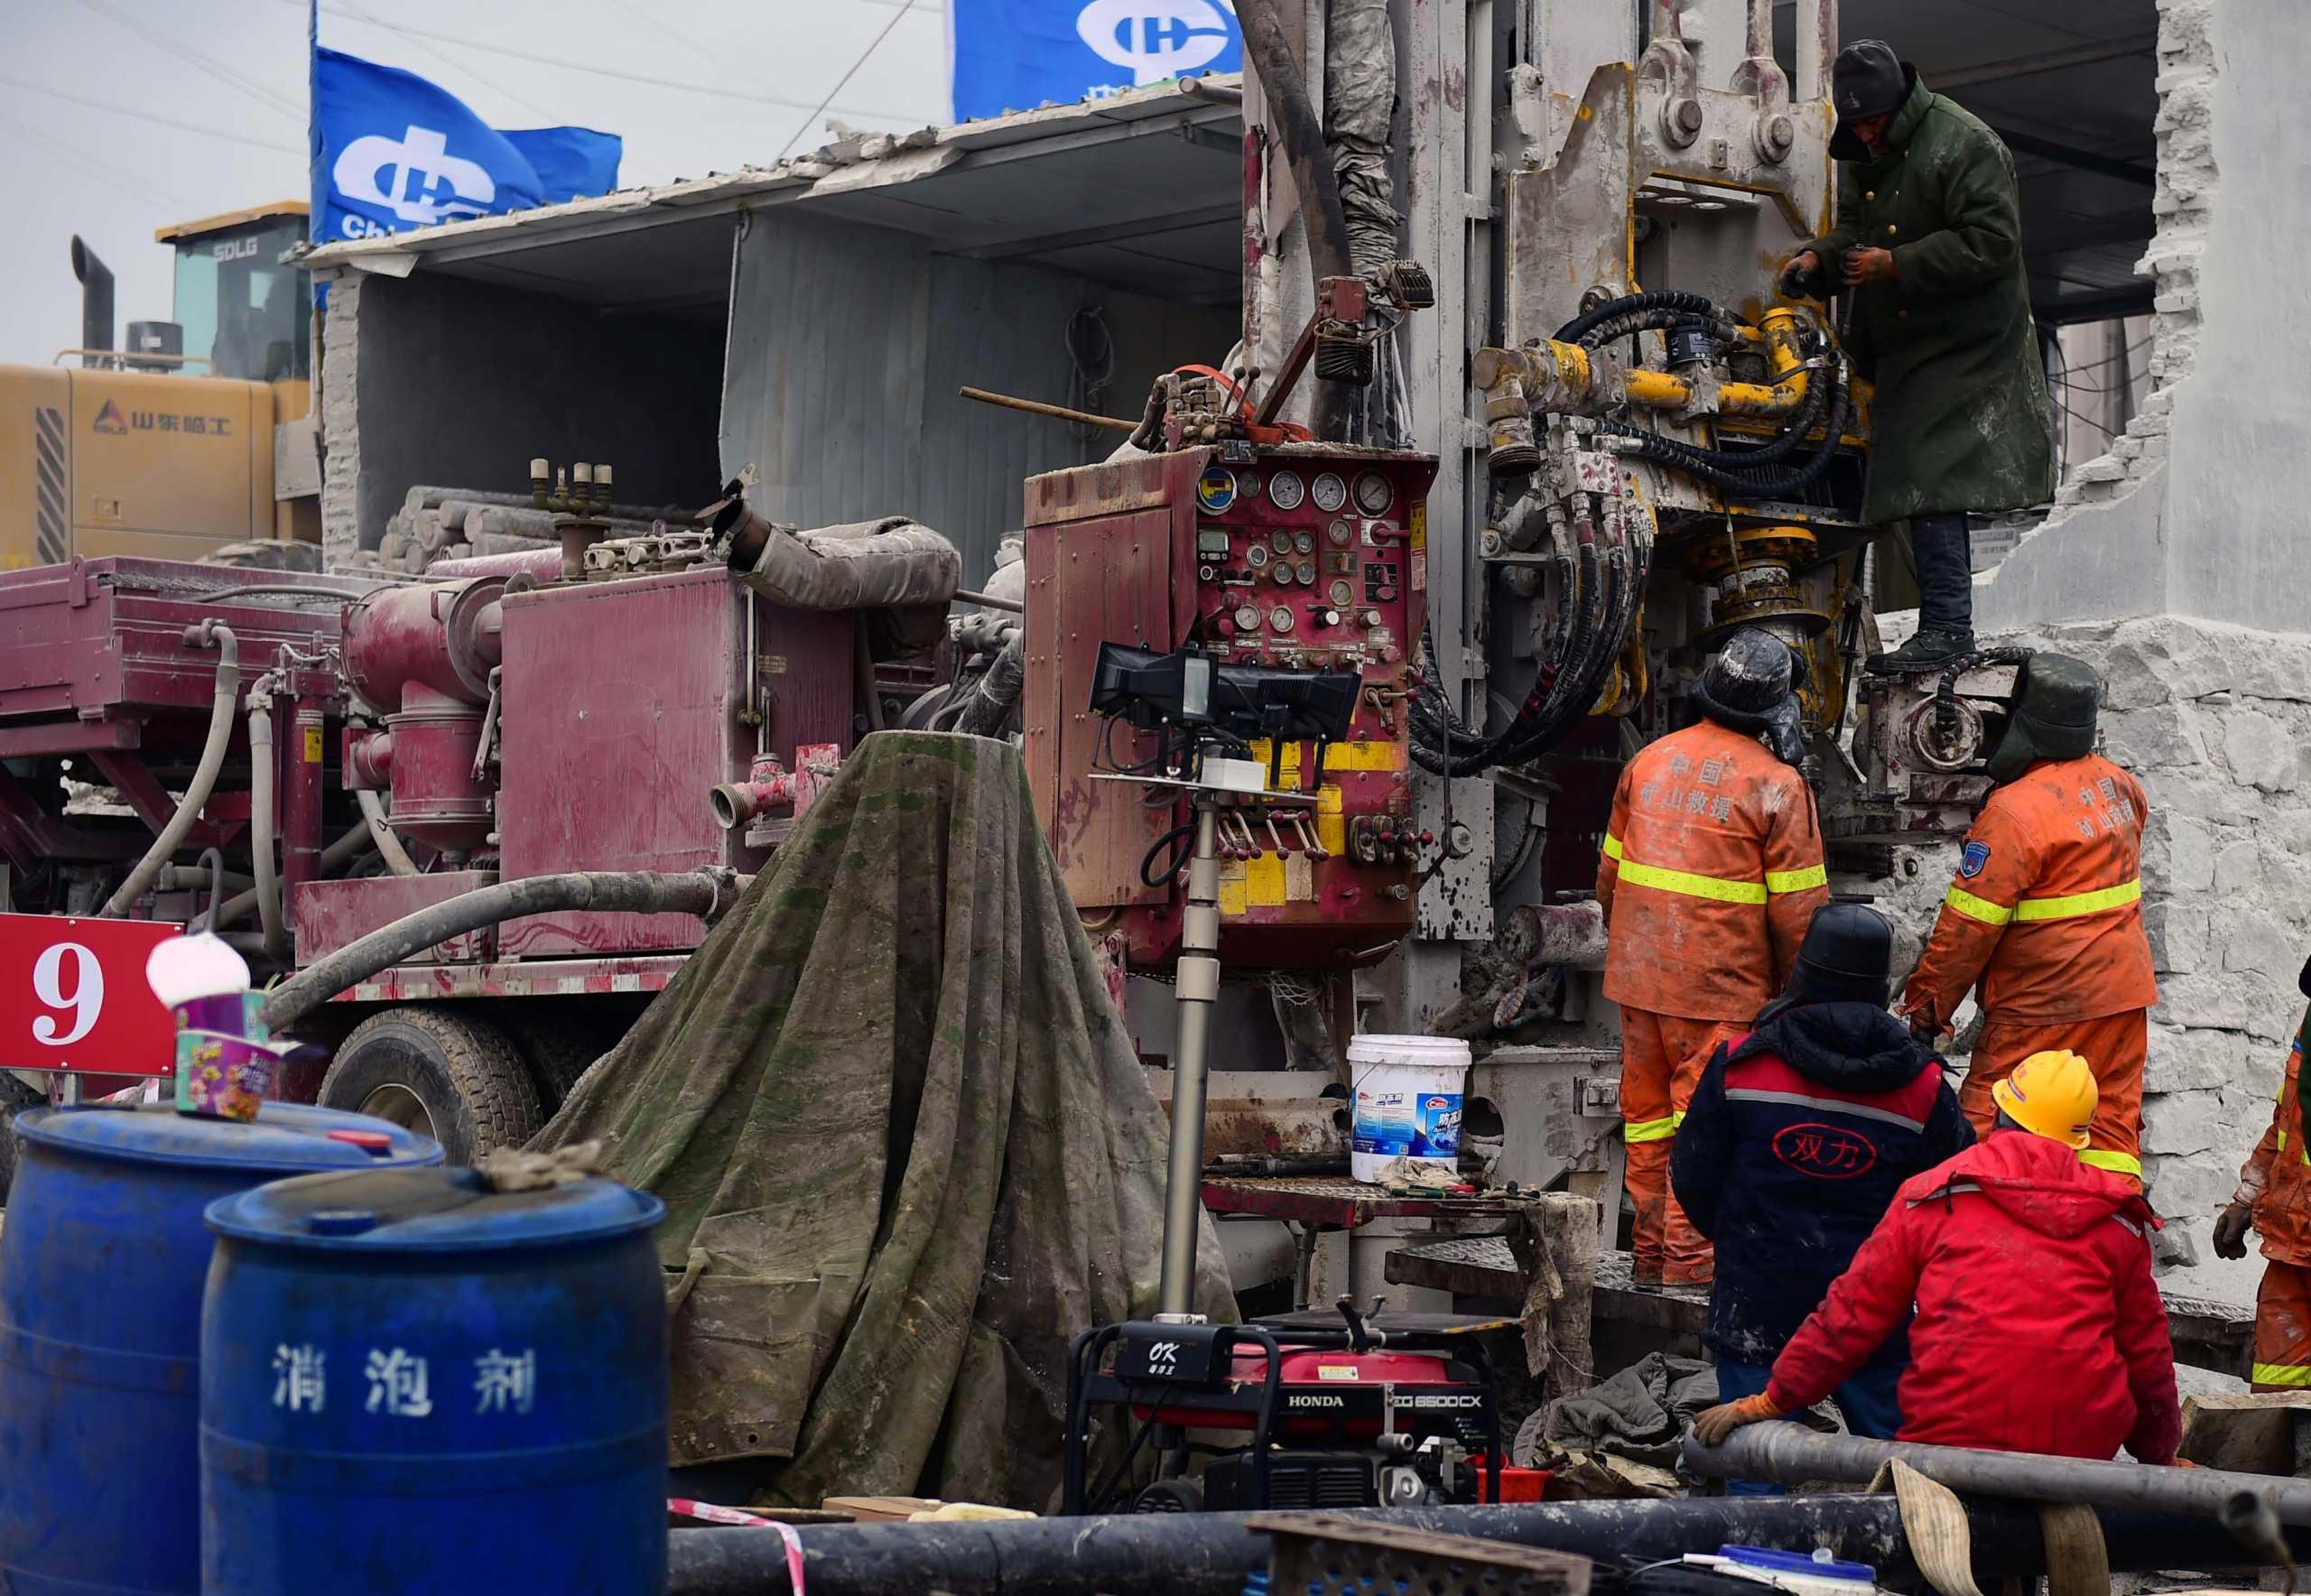 Κίνα: Εγκλωβισμένοι επί 11 ημέρες στο ορυχείο – Μάχη με τον χρόνο για τα σωστικά συνεργεία (pics, vid)